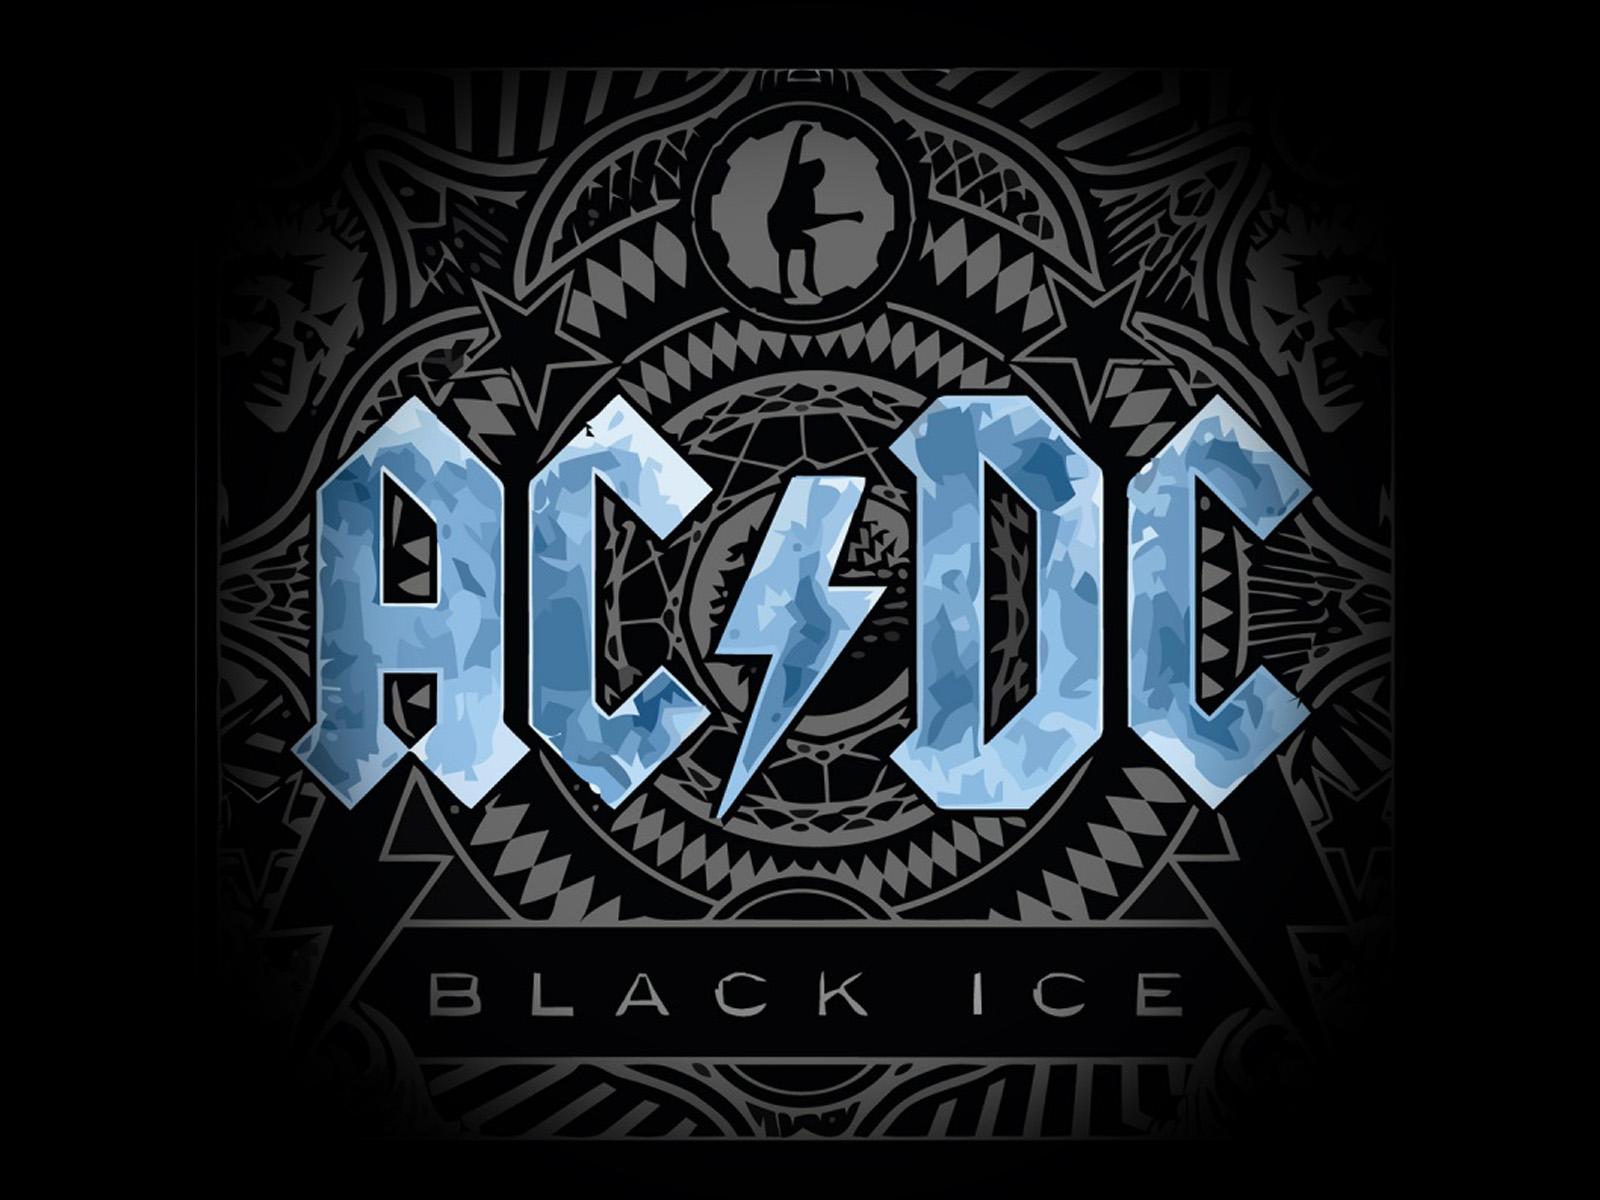 http://1.bp.blogspot.com/-UjMO8ntnqjI/T-m8FTpyroI/AAAAAAAAAqo/IJfWJQ591bU/s1600/music_classic_rock_ac_dc_black_ice_wallpaper+-+1600+x+1200+px.jpg